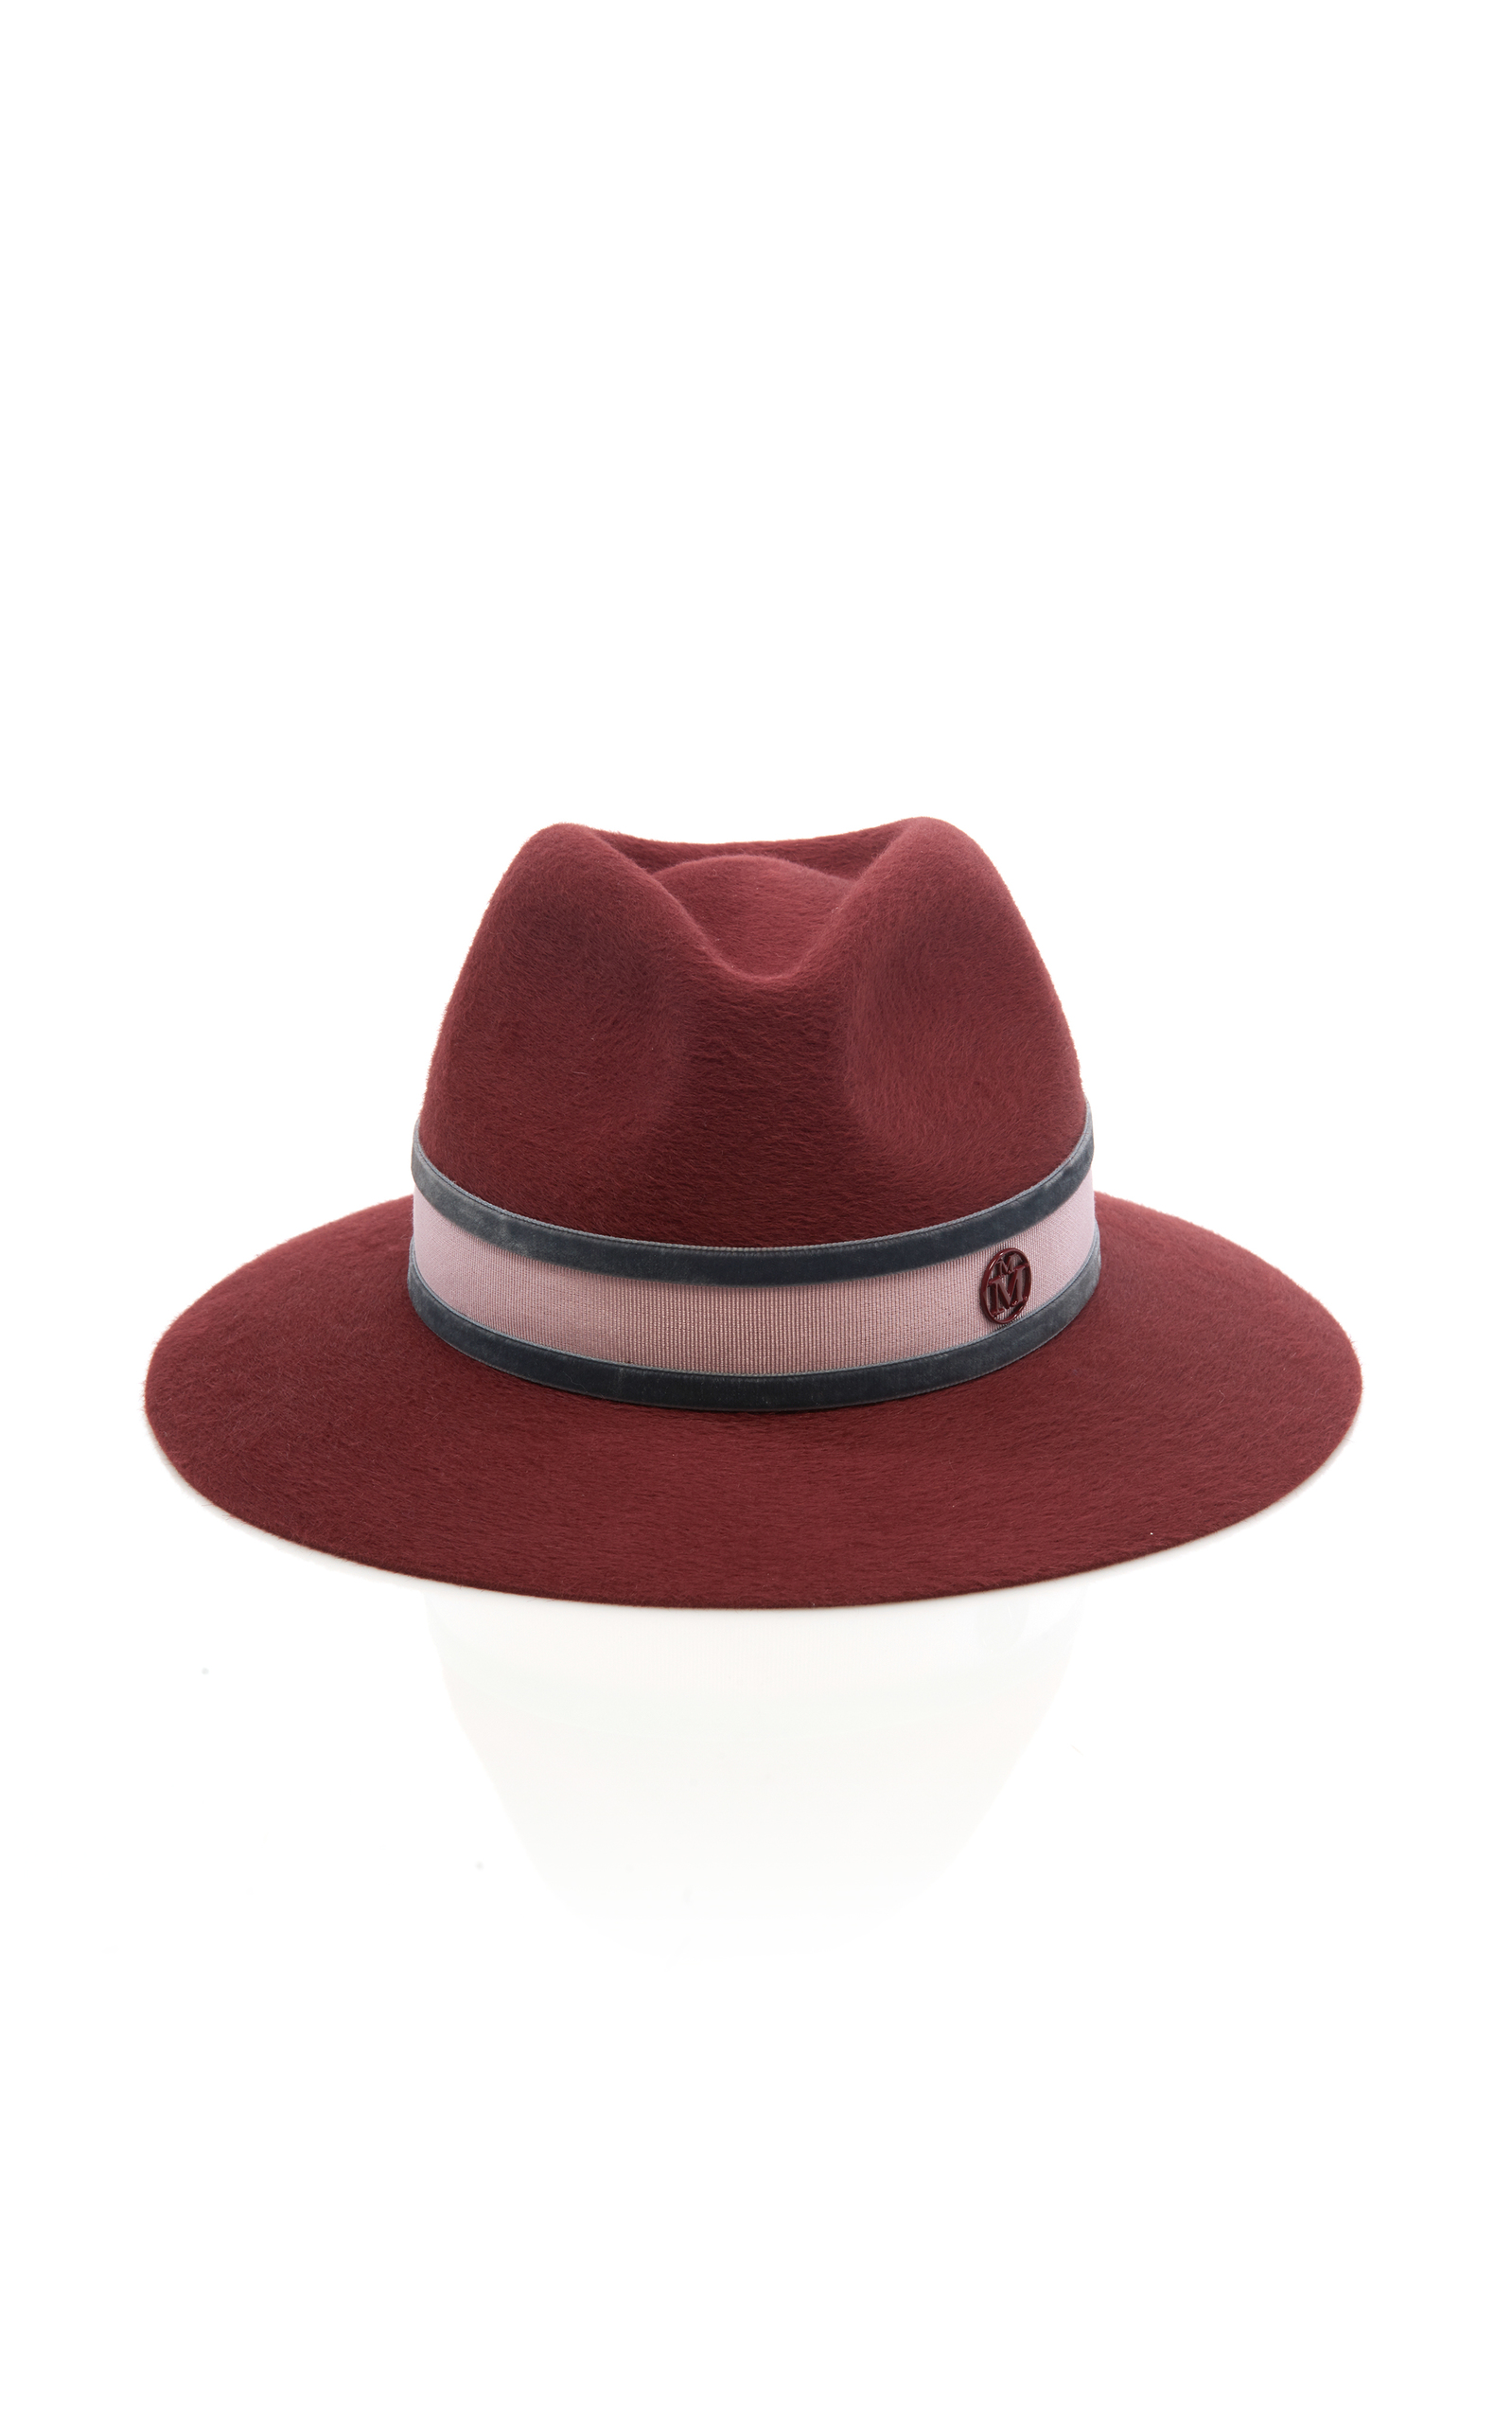 e8c3620d70fef7 Rico Hat by Maison Michel | Moda Operandi